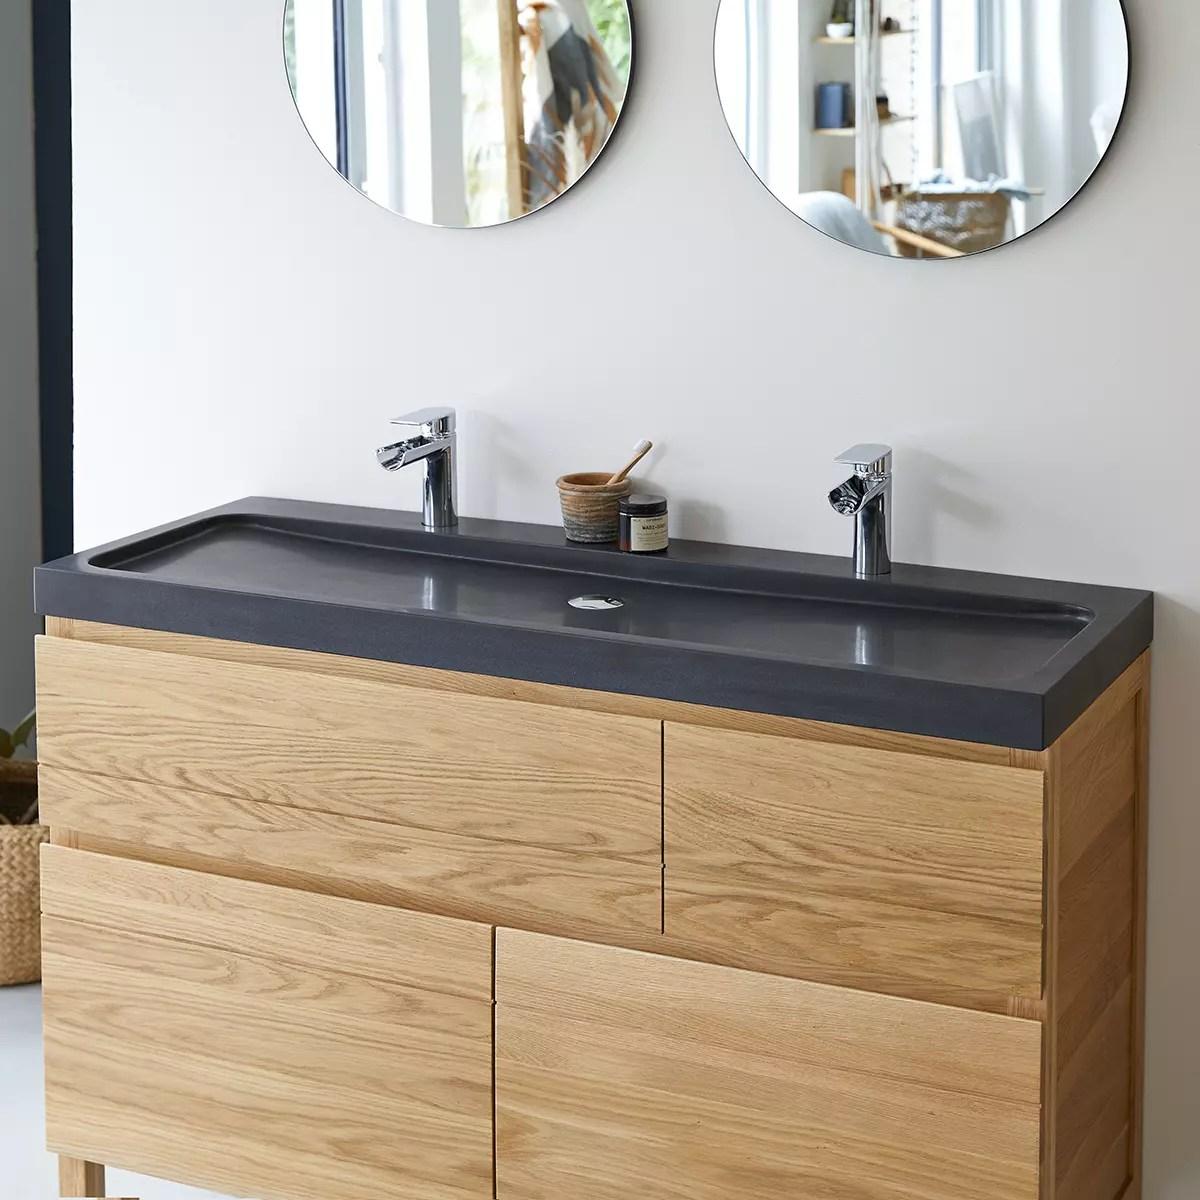 meuble salle de bain en chene massif et pierre de lave 120 easy